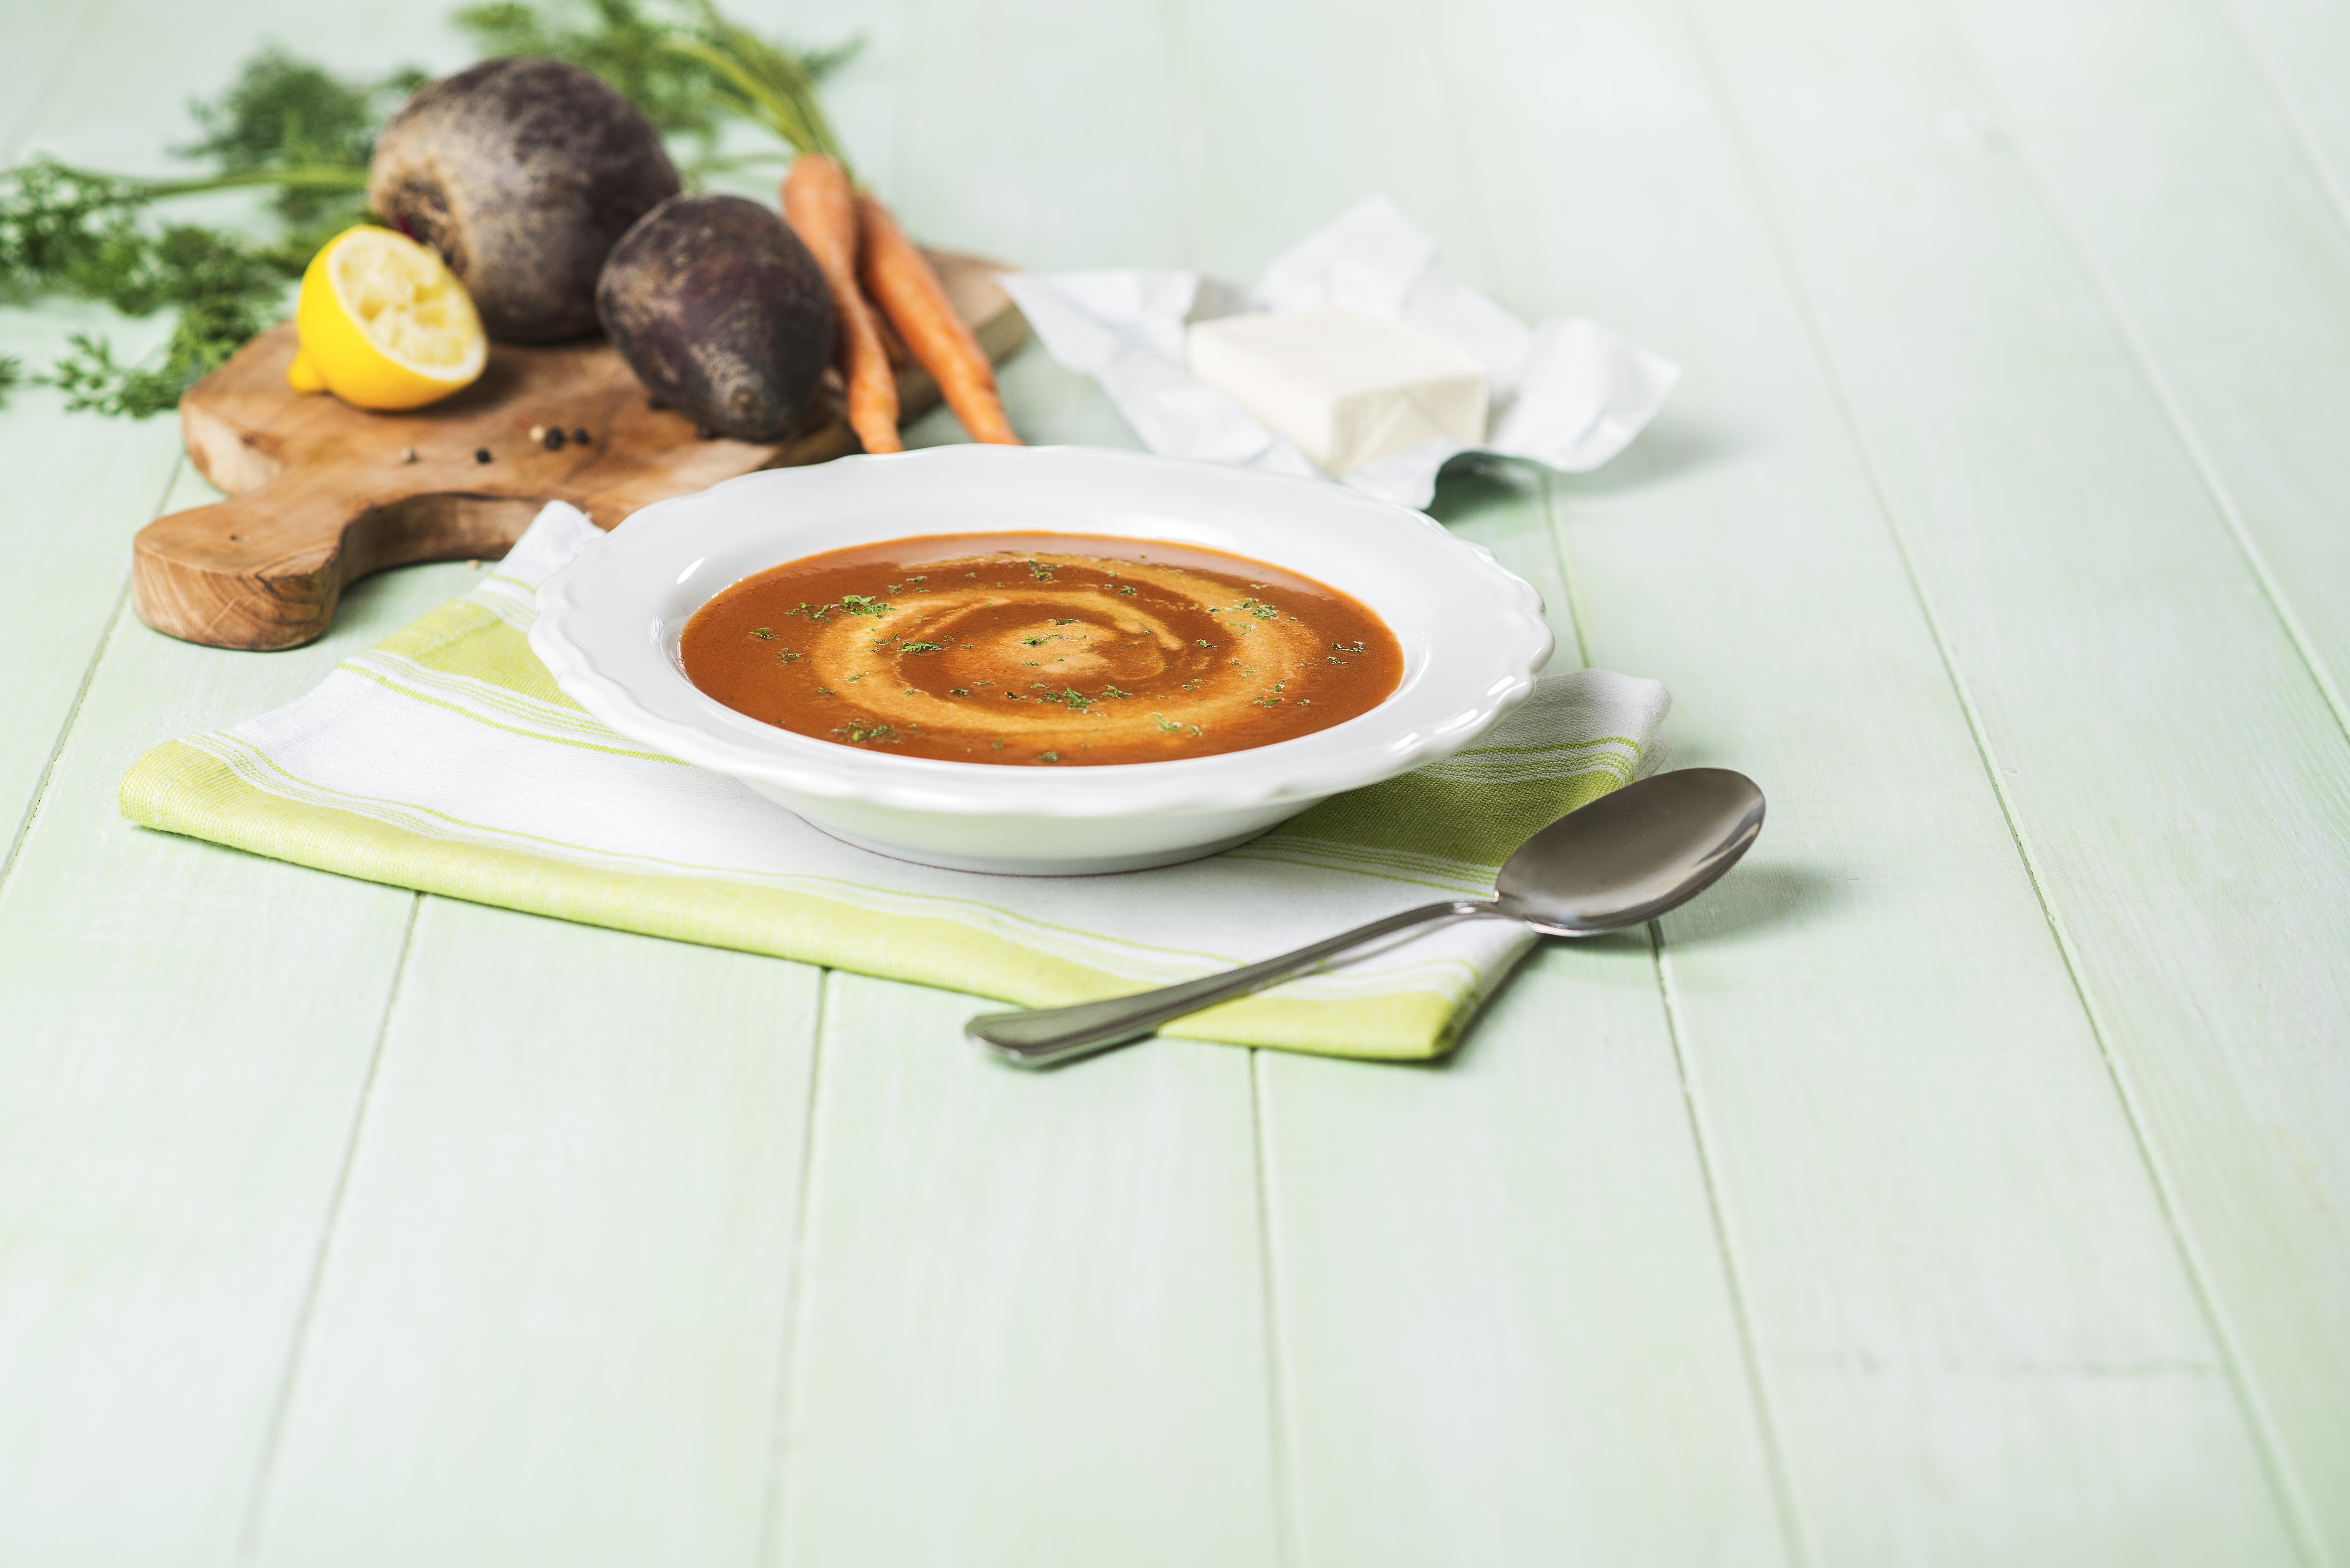 Pečená polévka z řepy a mrkve zjemněná Lučinou